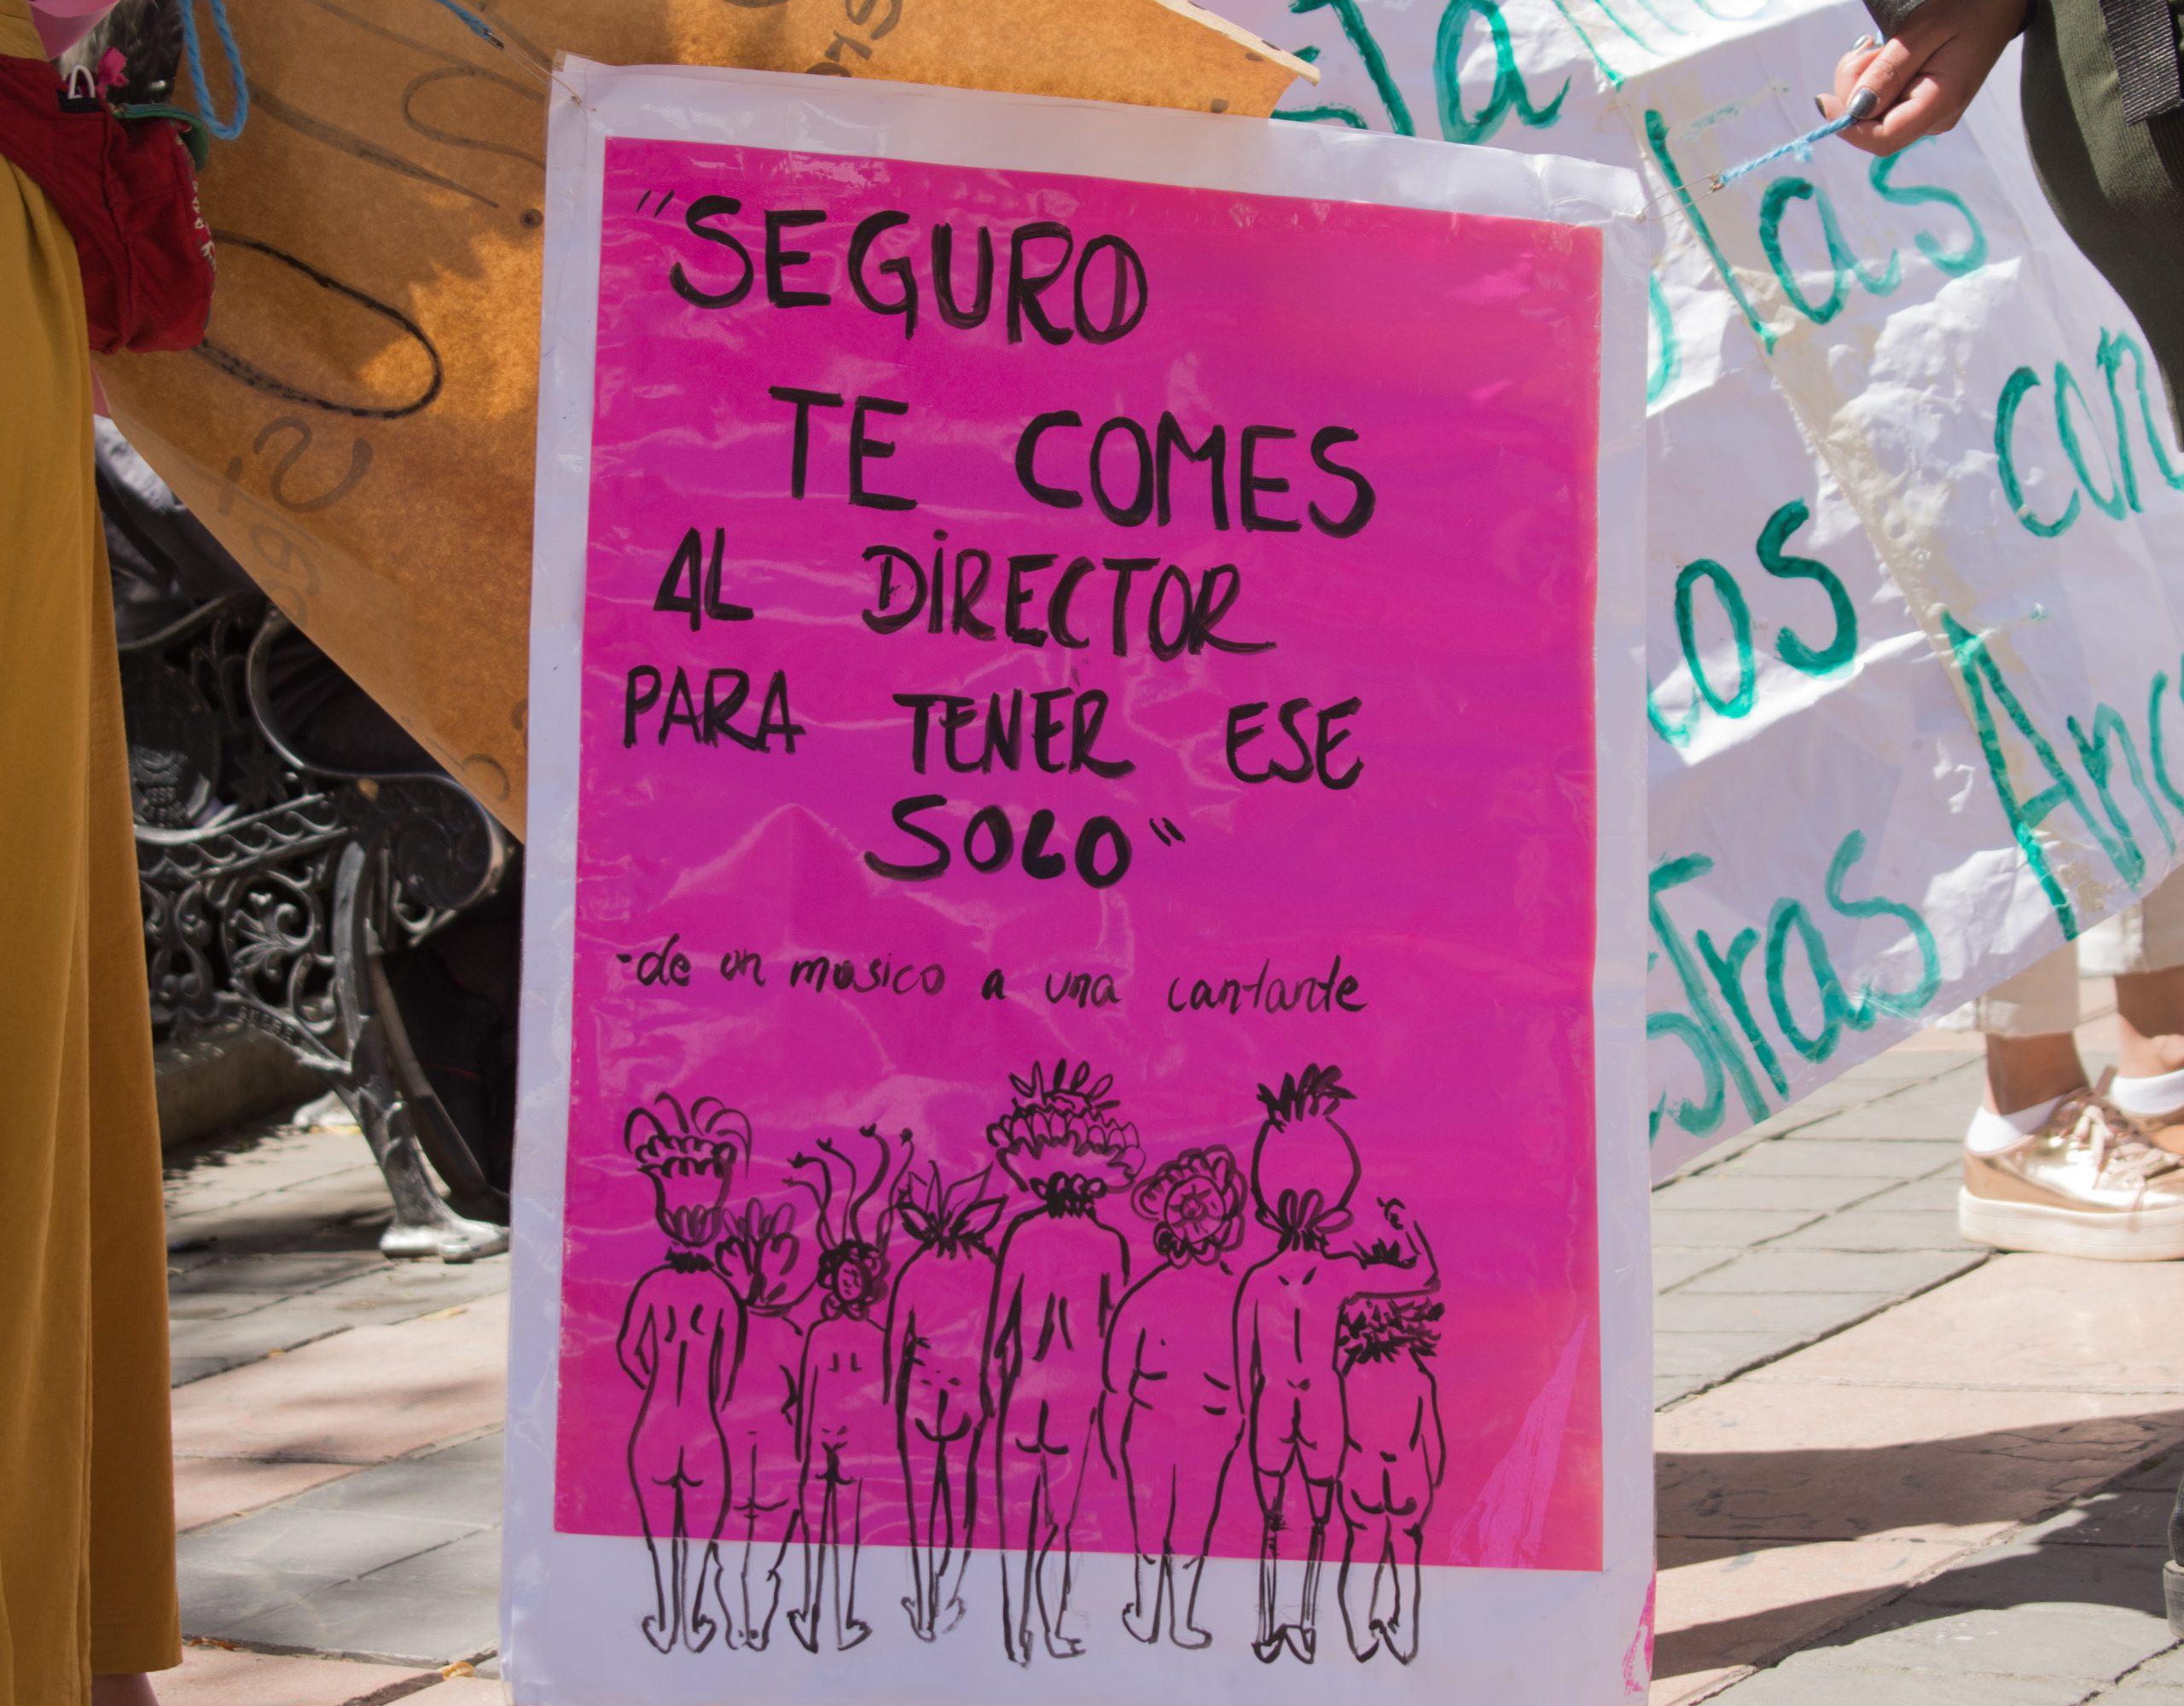 El acoso y menosprecio atacan a las artistas bolivianas